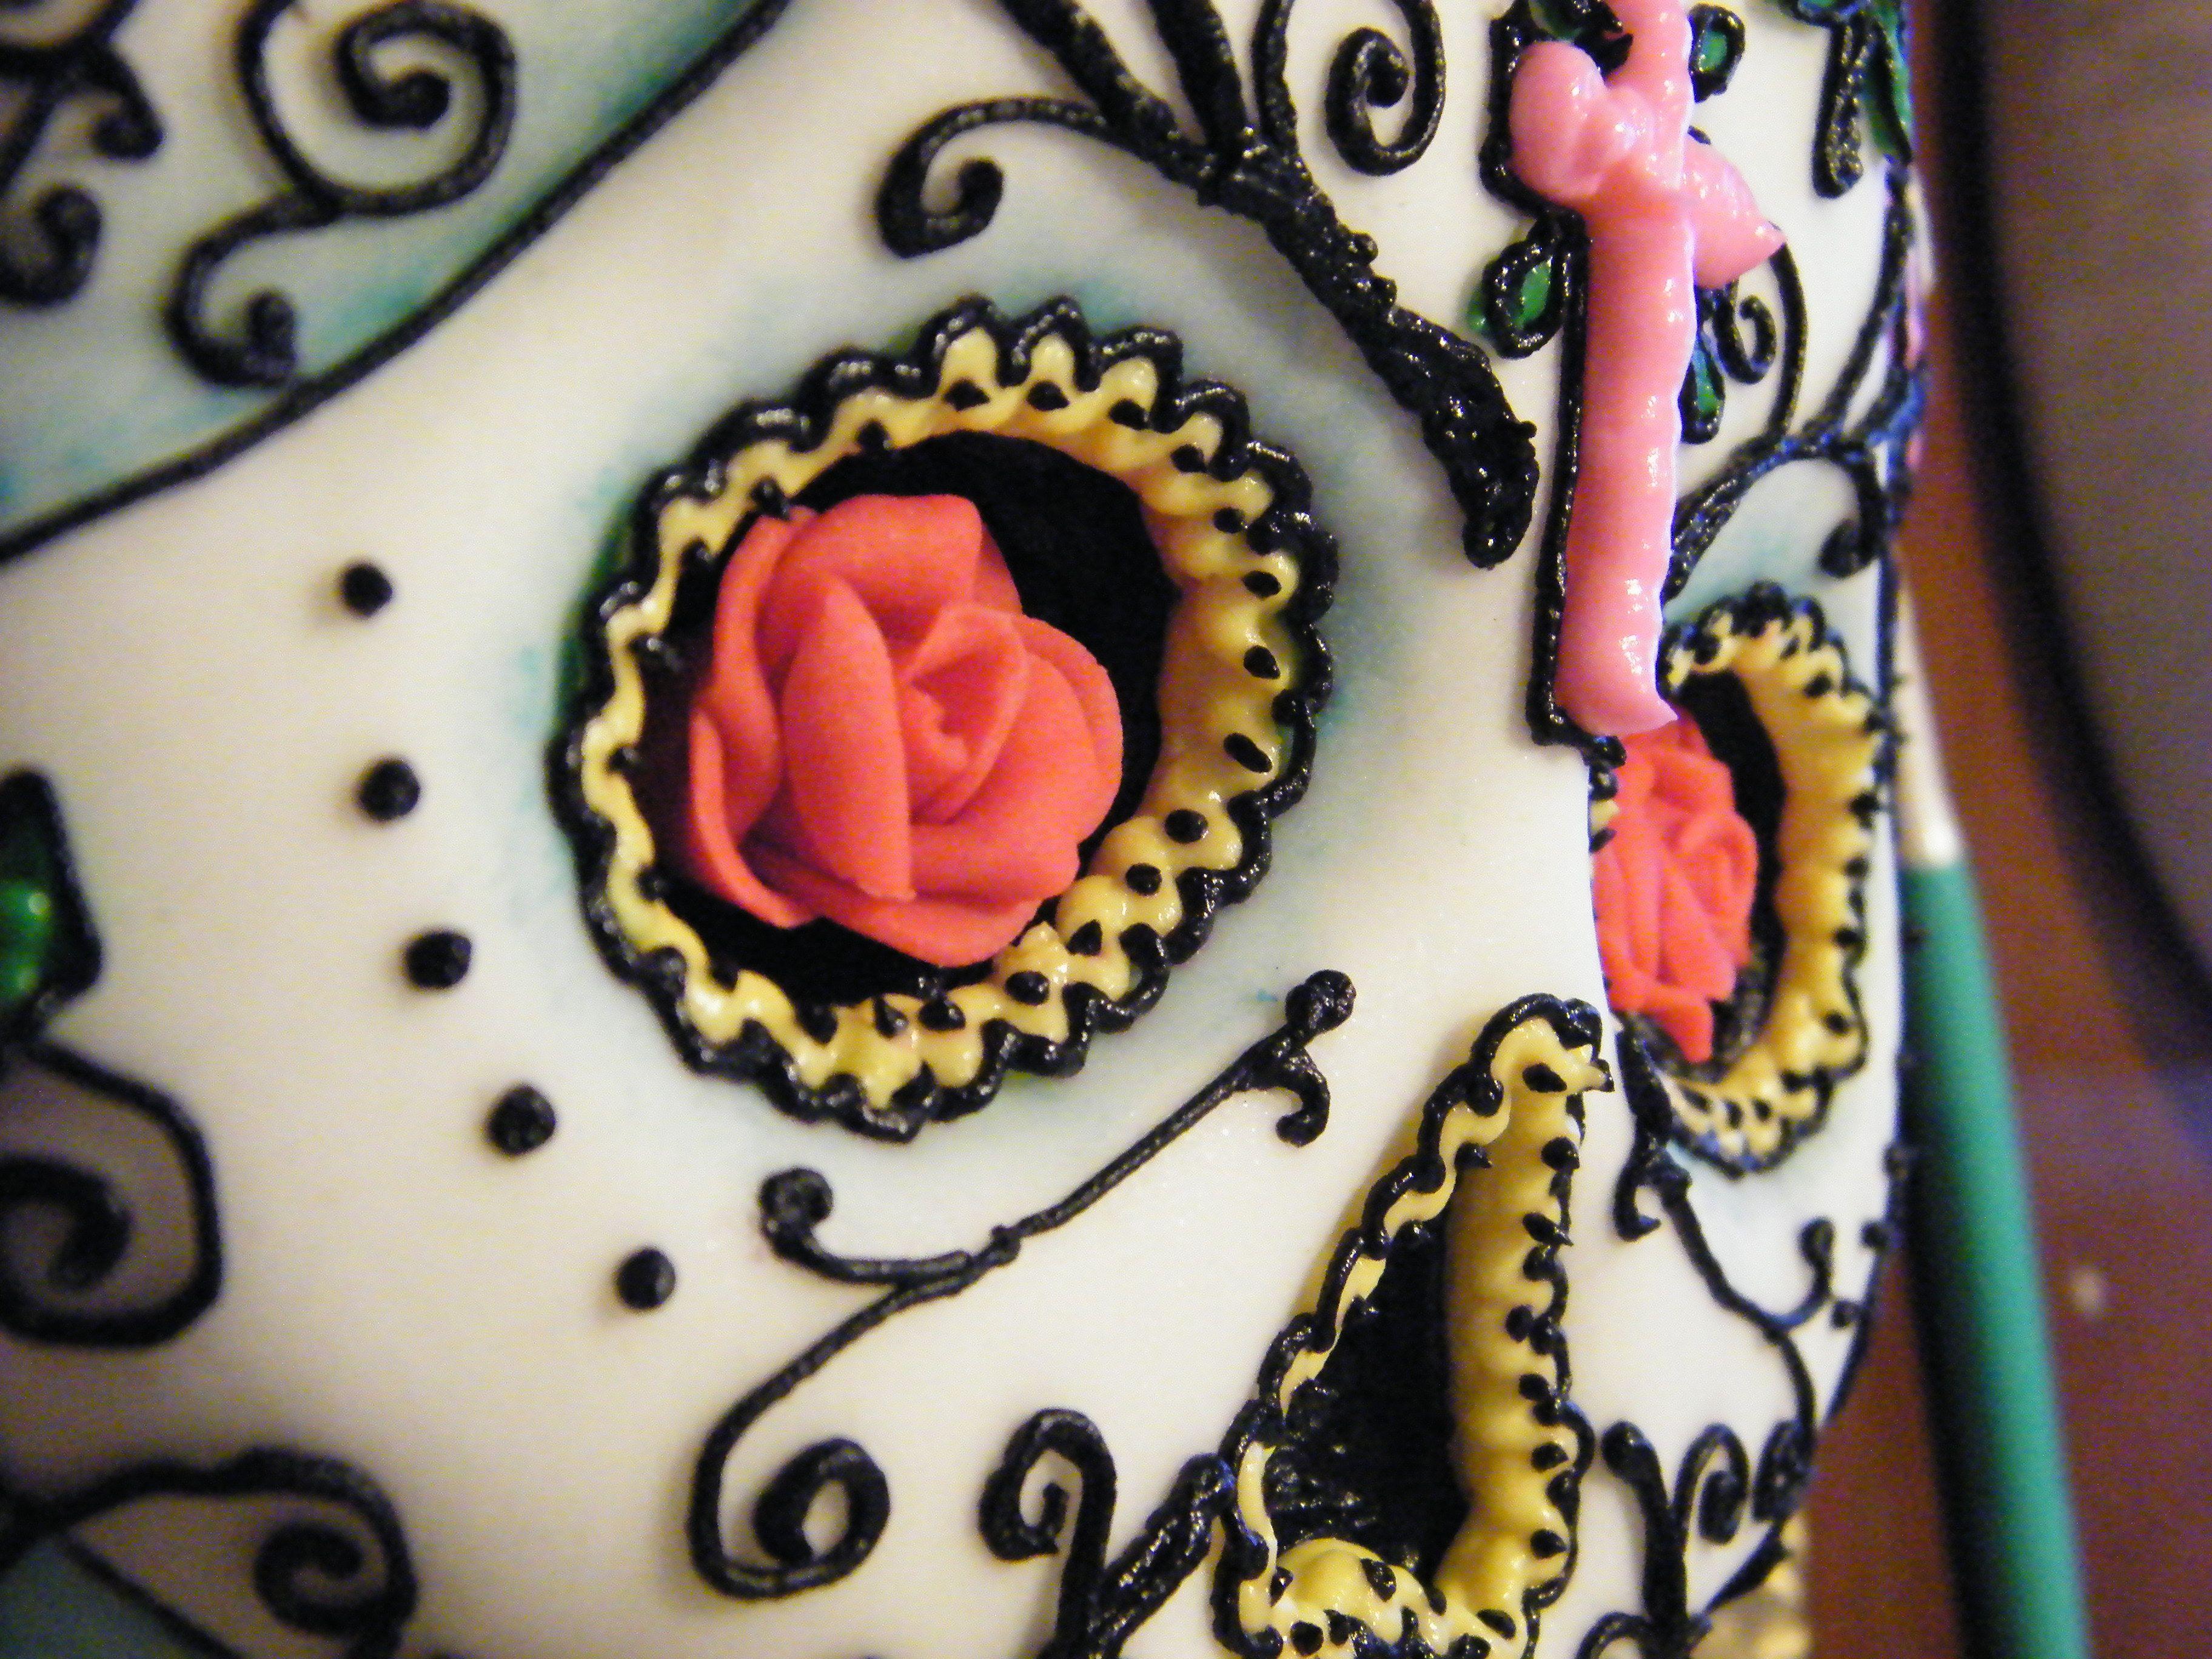 Day of the Dead/Dia de los Muertos/Sugar Skull cake